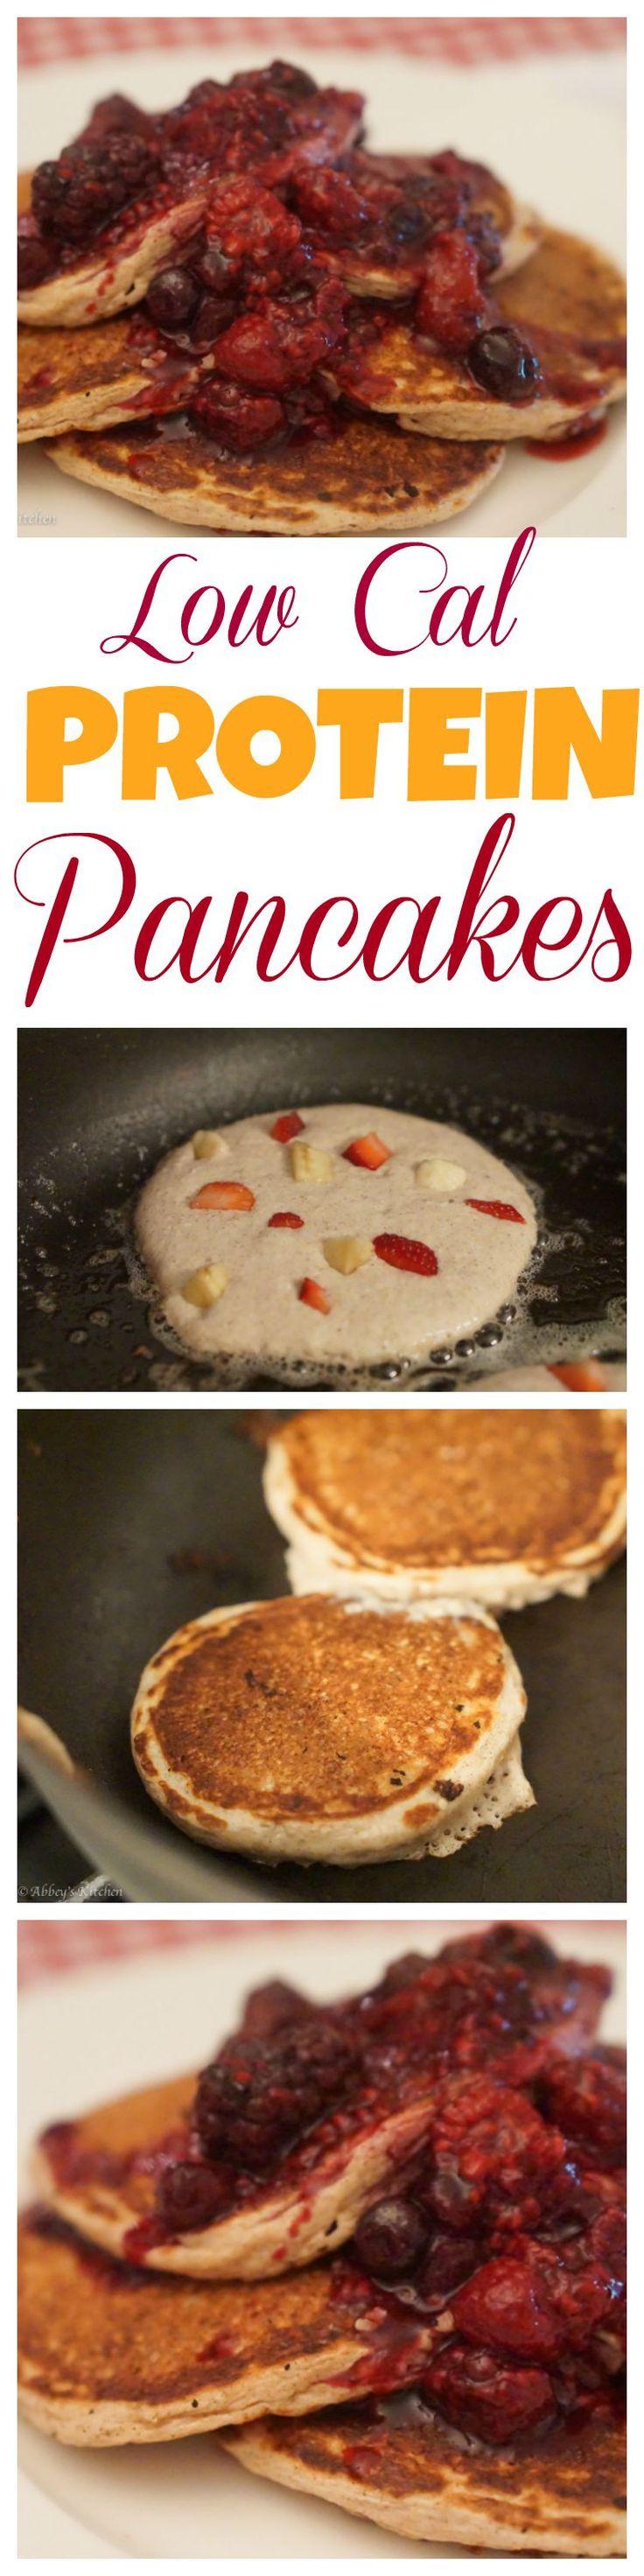 ... protein pancakes recipe raspberry oatmeal protein pancakes recipes